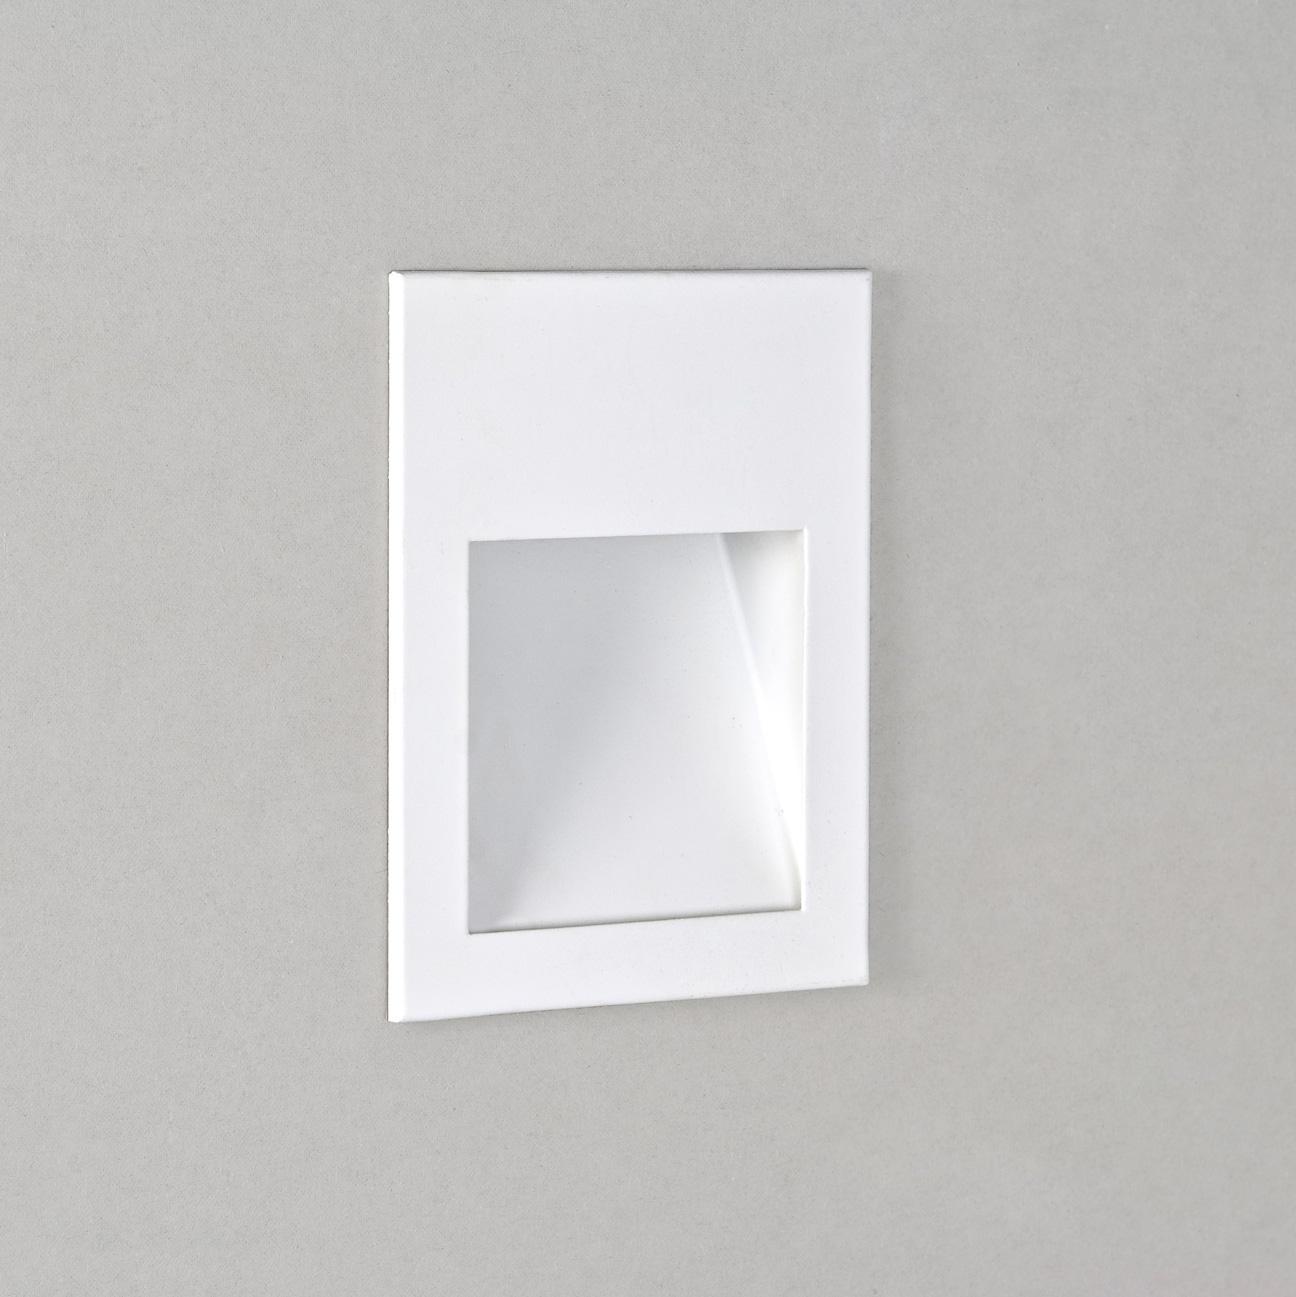 applique borgo led 90 lampada parete led da incasso bianco. Black Bedroom Furniture Sets. Home Design Ideas